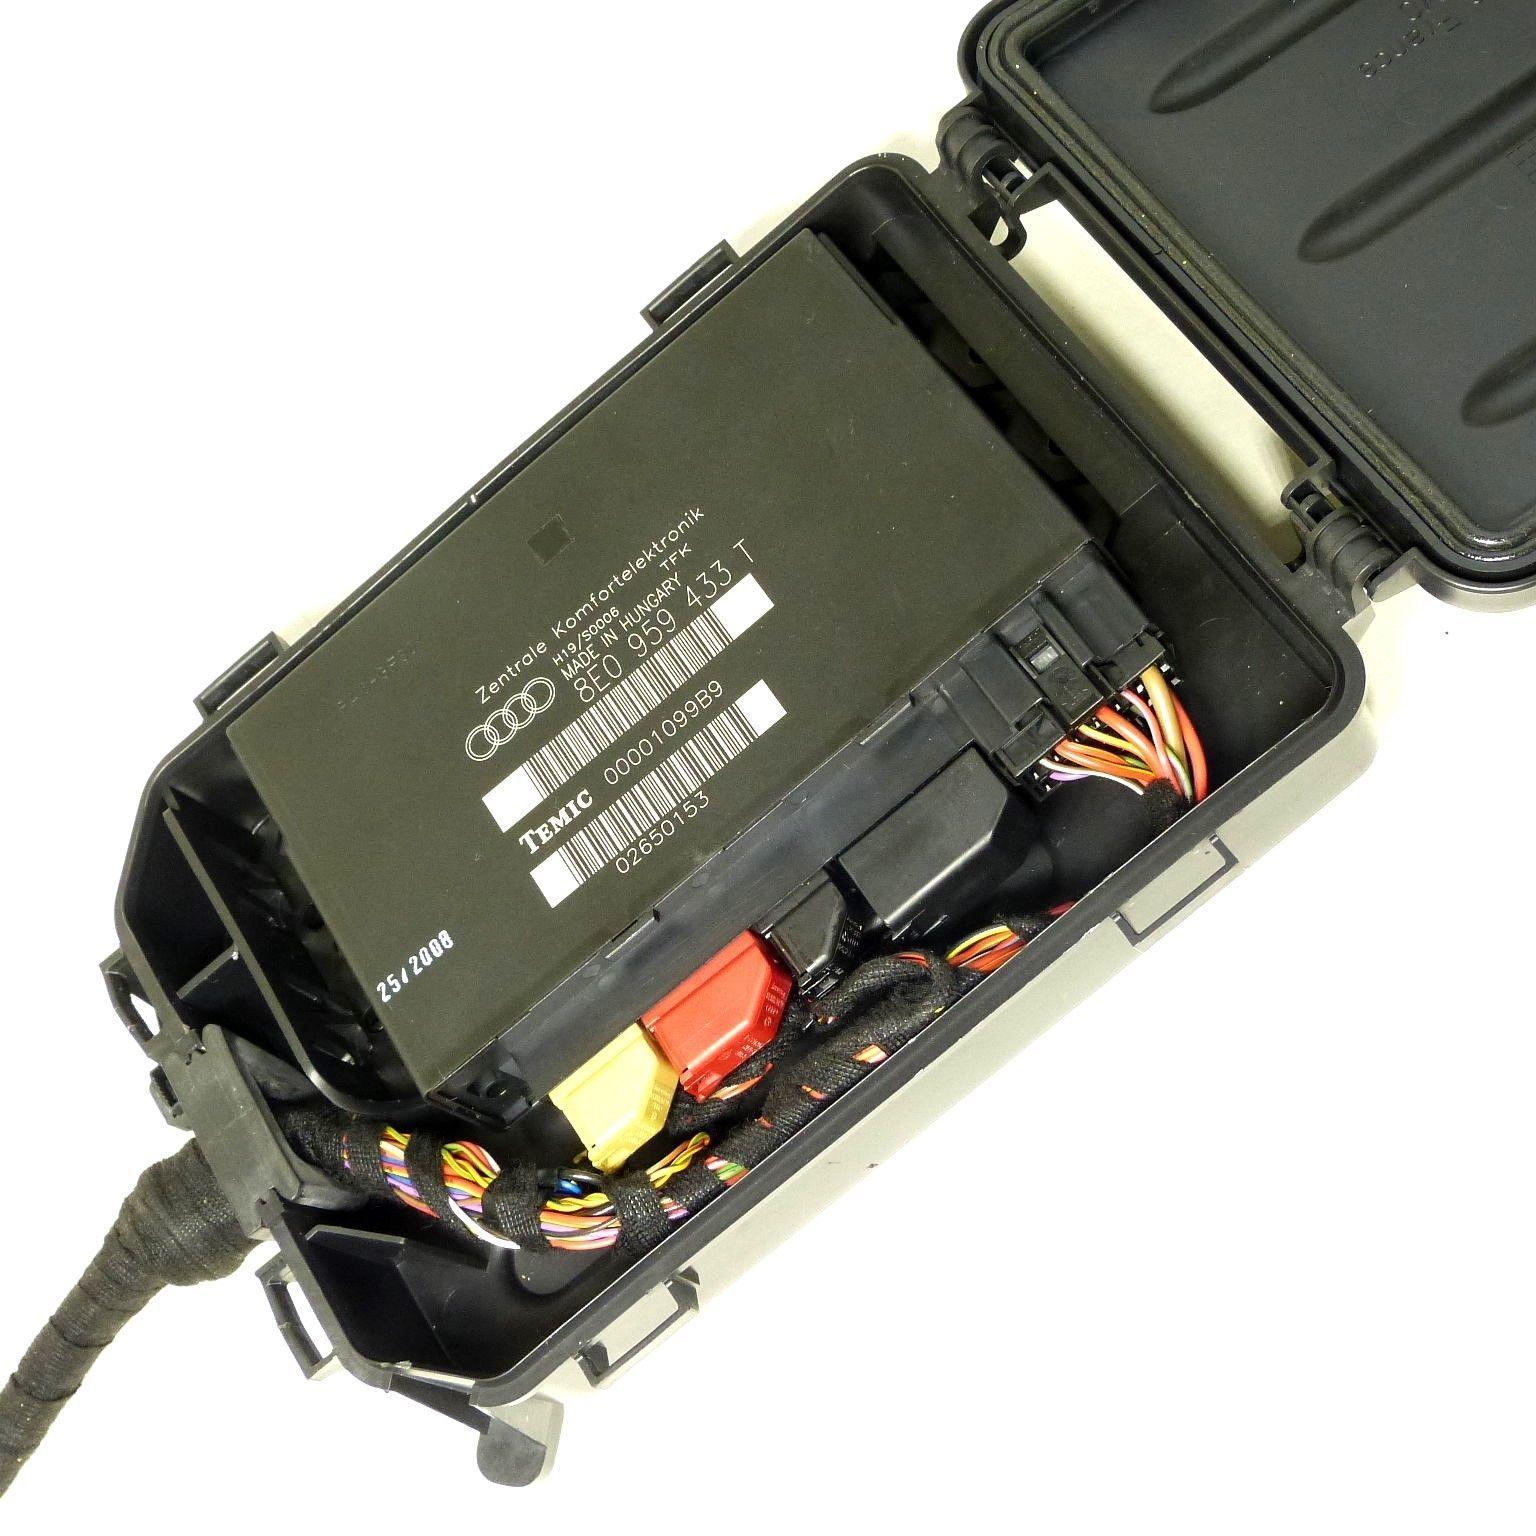 Audi A4 B6 B7 Bcm Ccm Comfort Control Module Body Zentrale Komfortelektronik Box